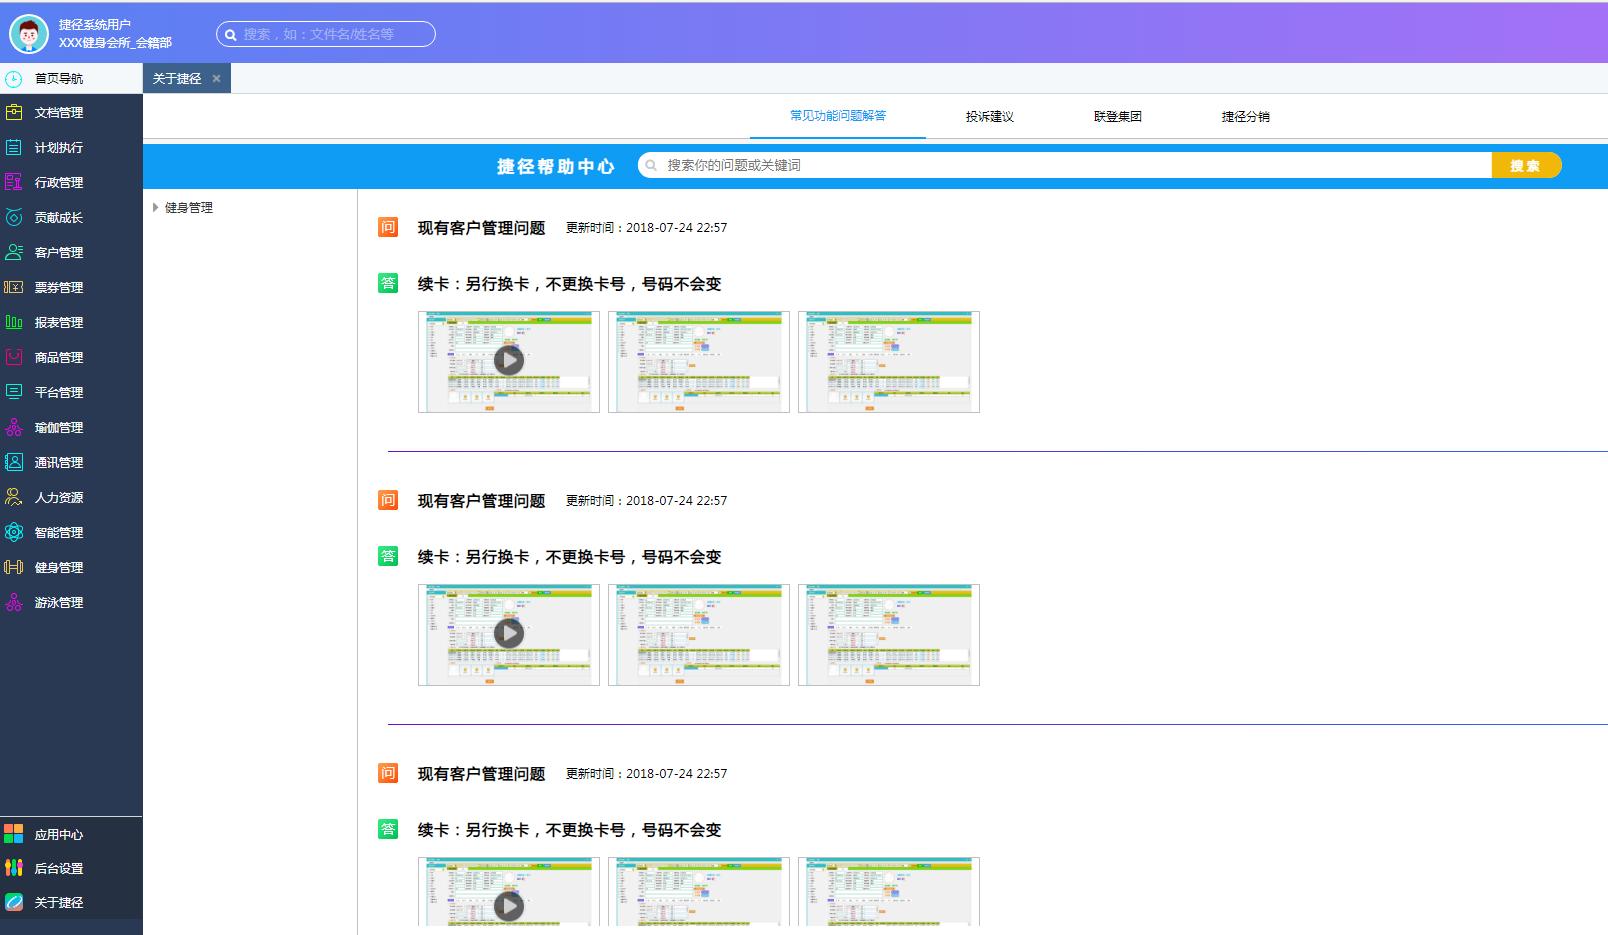 台湾智能健身管理-靠谱的捷径系统软件推荐